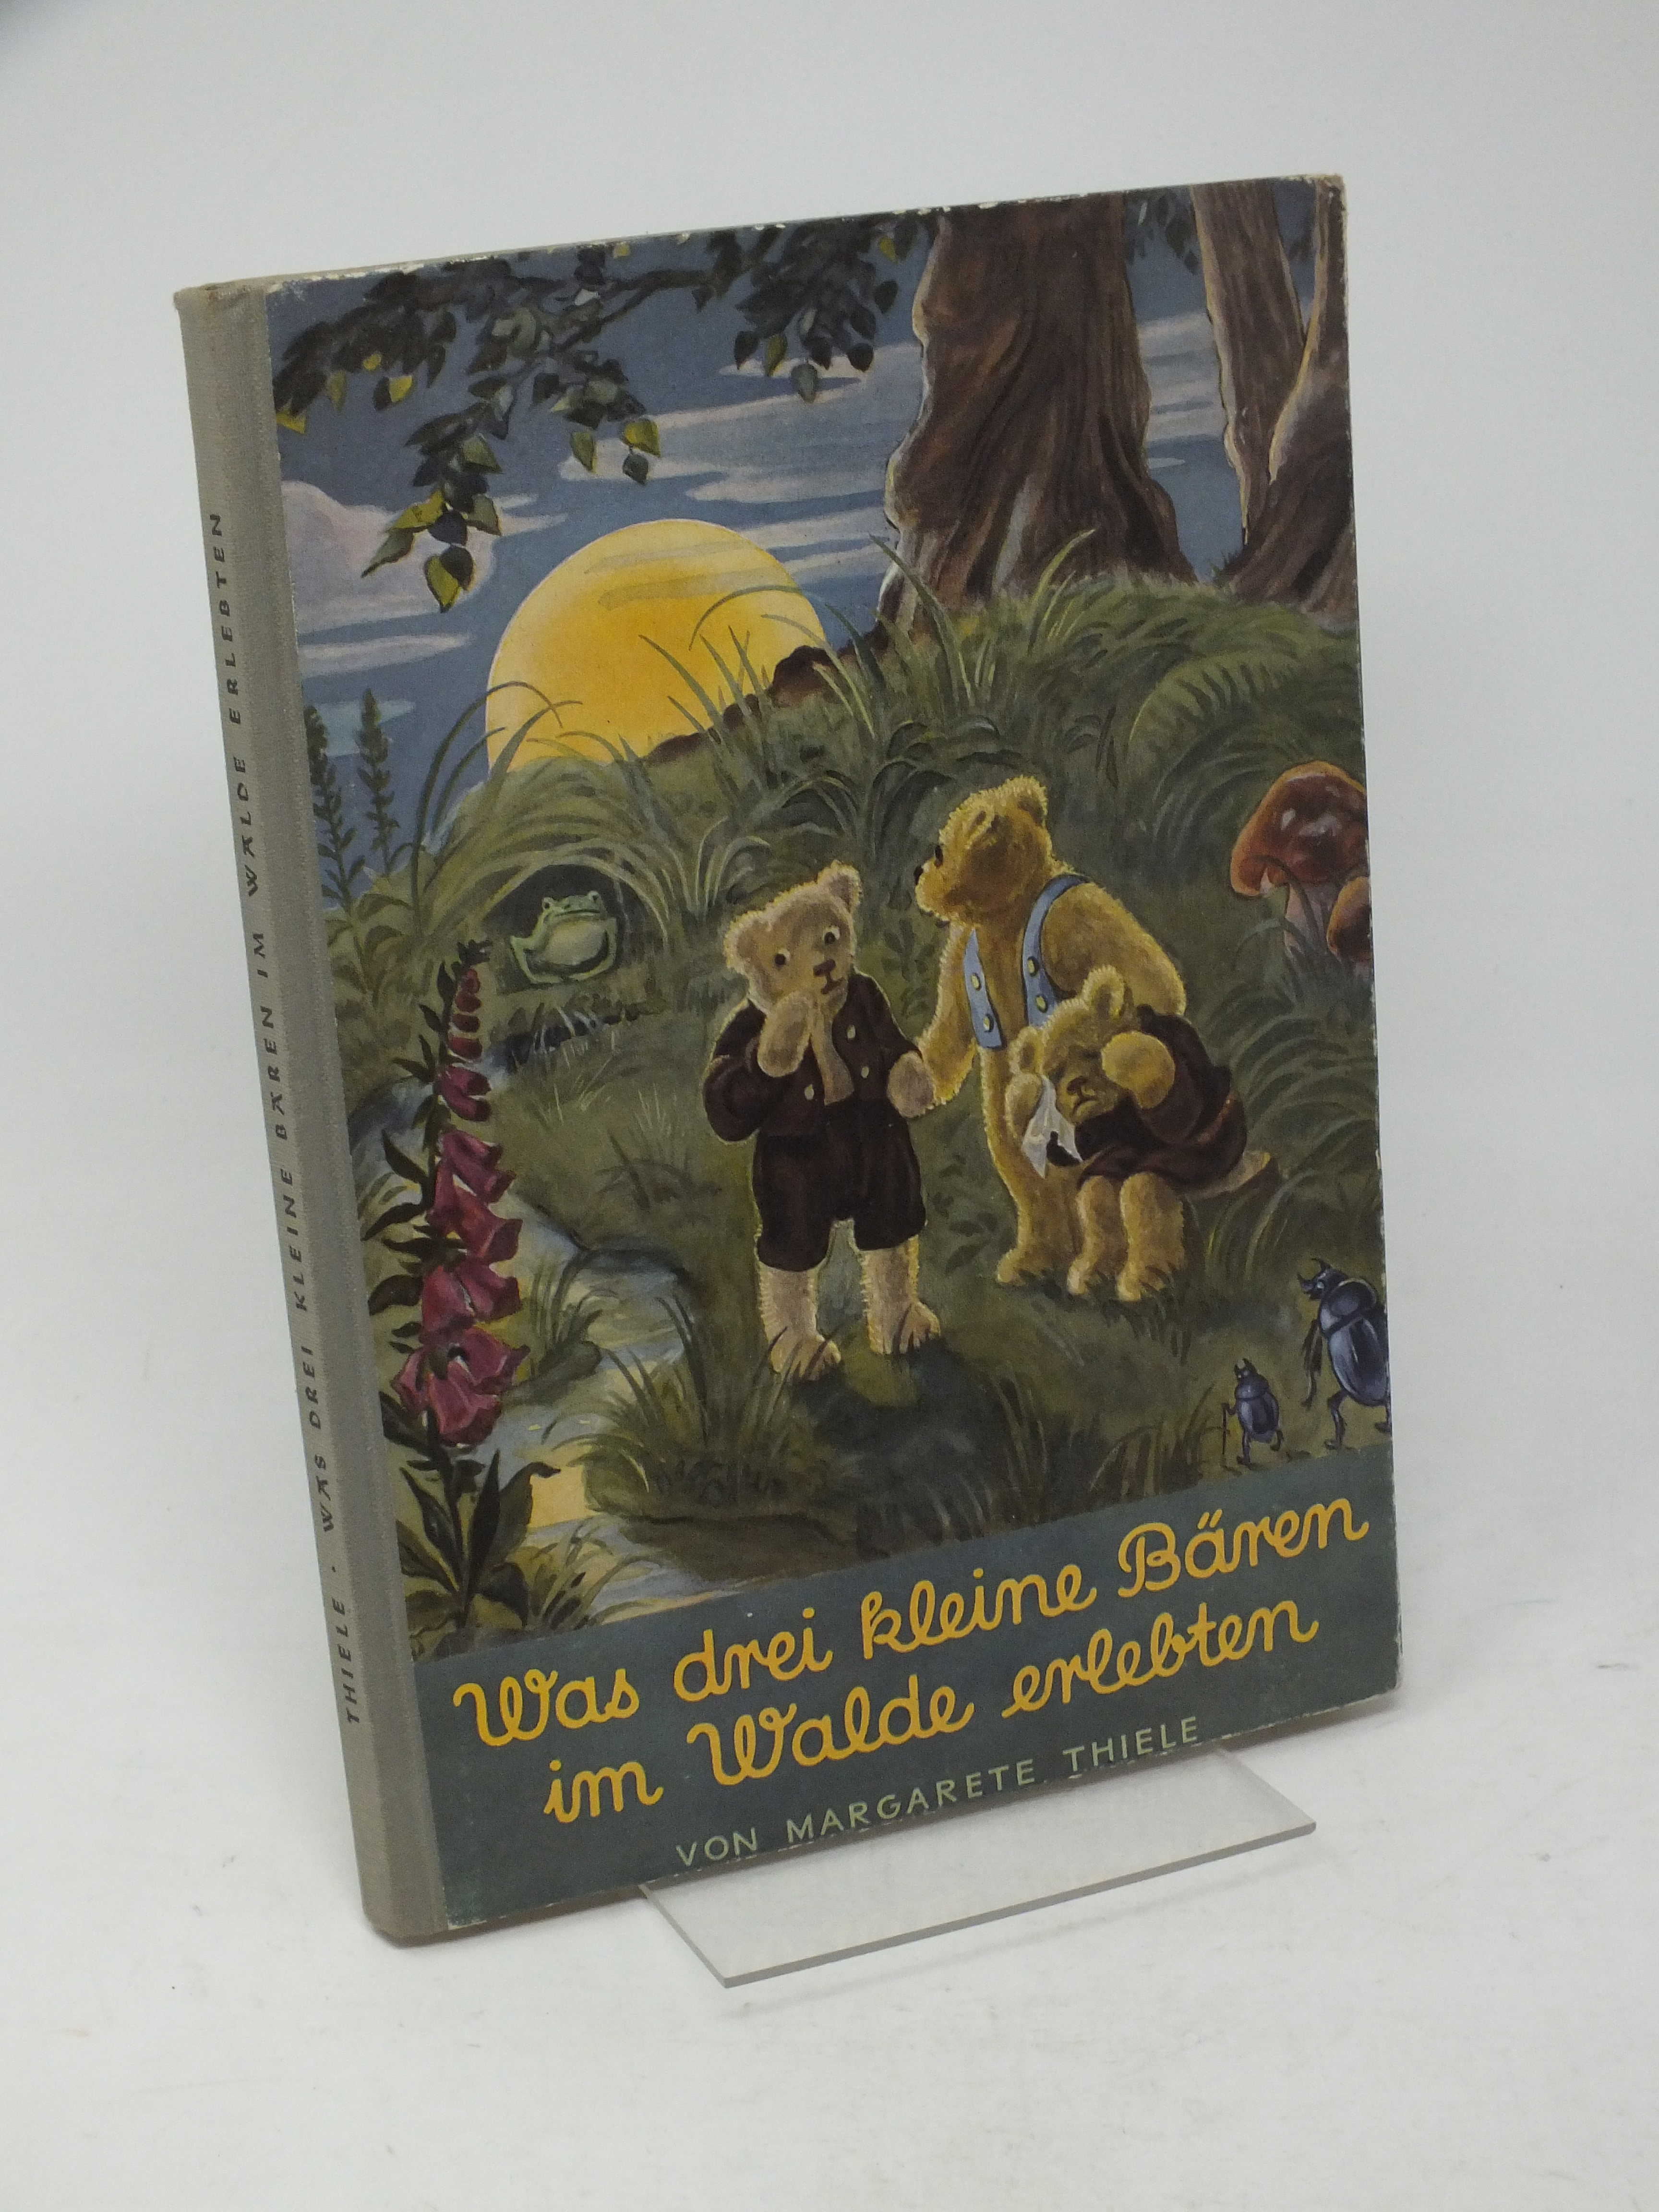 Was drei kleine Bären im Walde erlebten: Thiele, Margarete